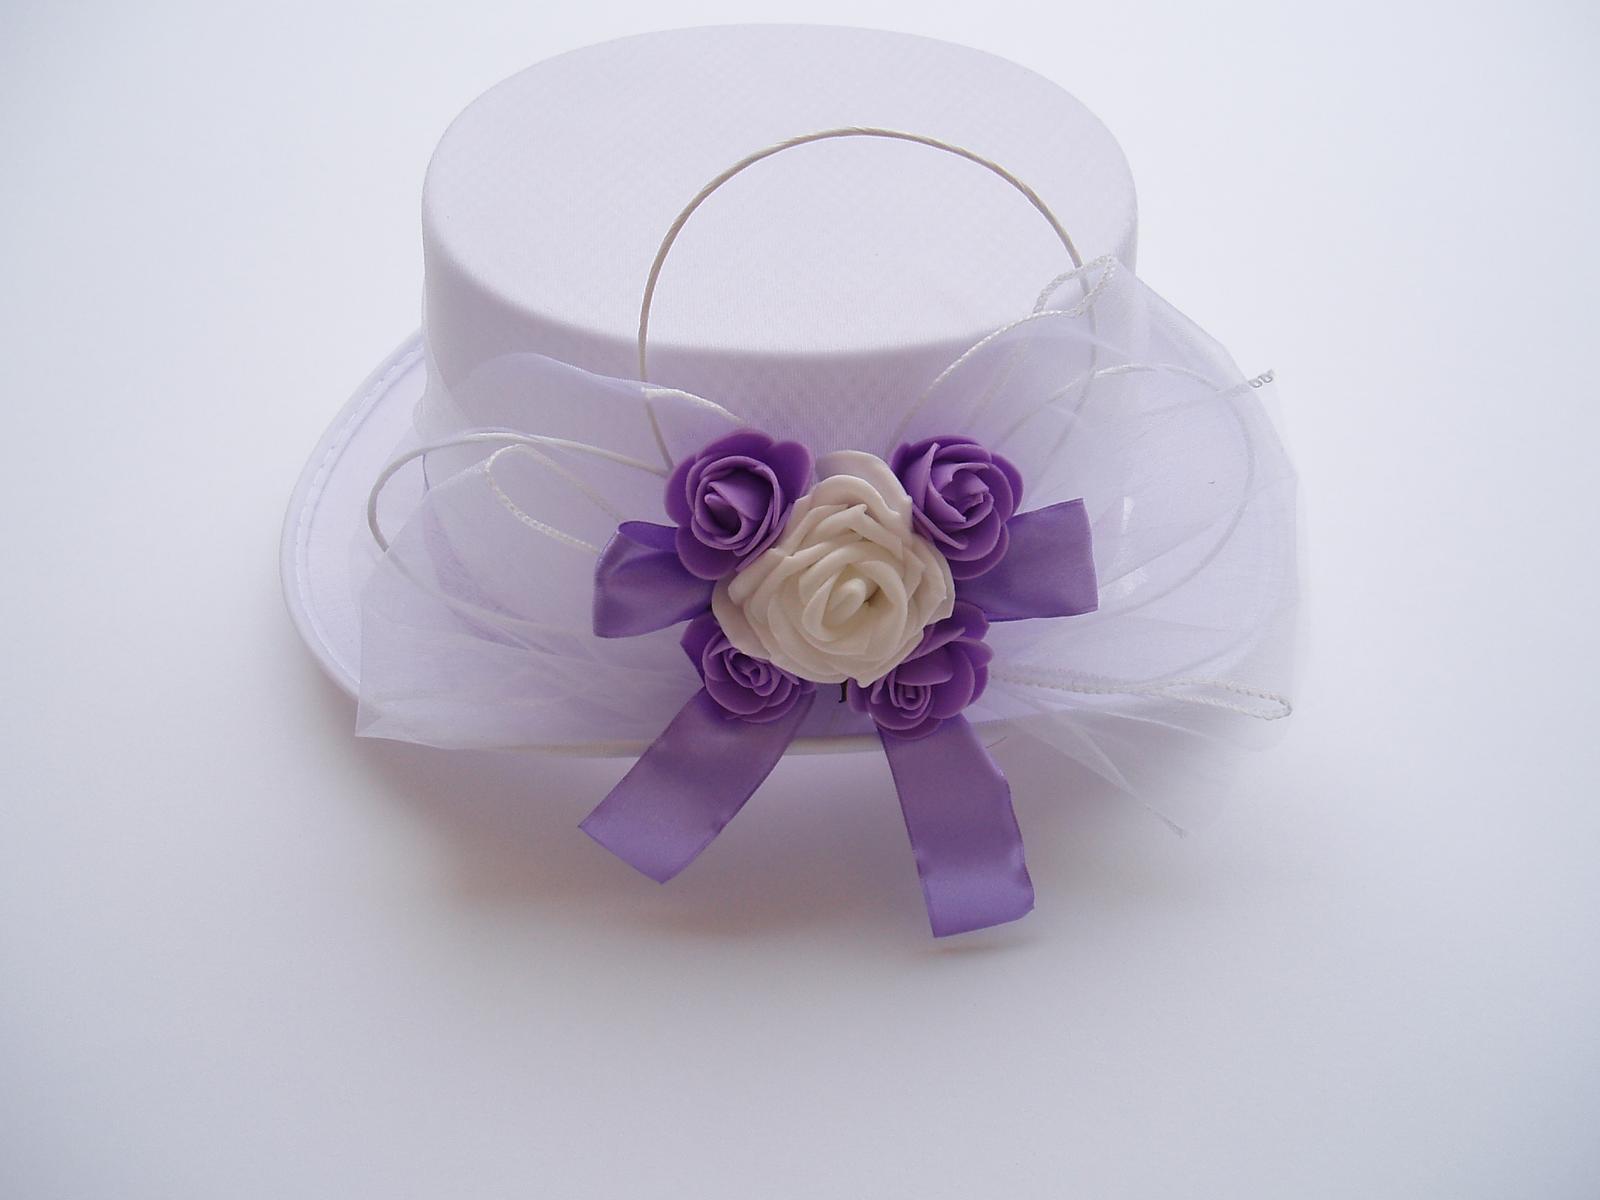 Svatební dekorace - bílý cylindr zdobený do lila barvy